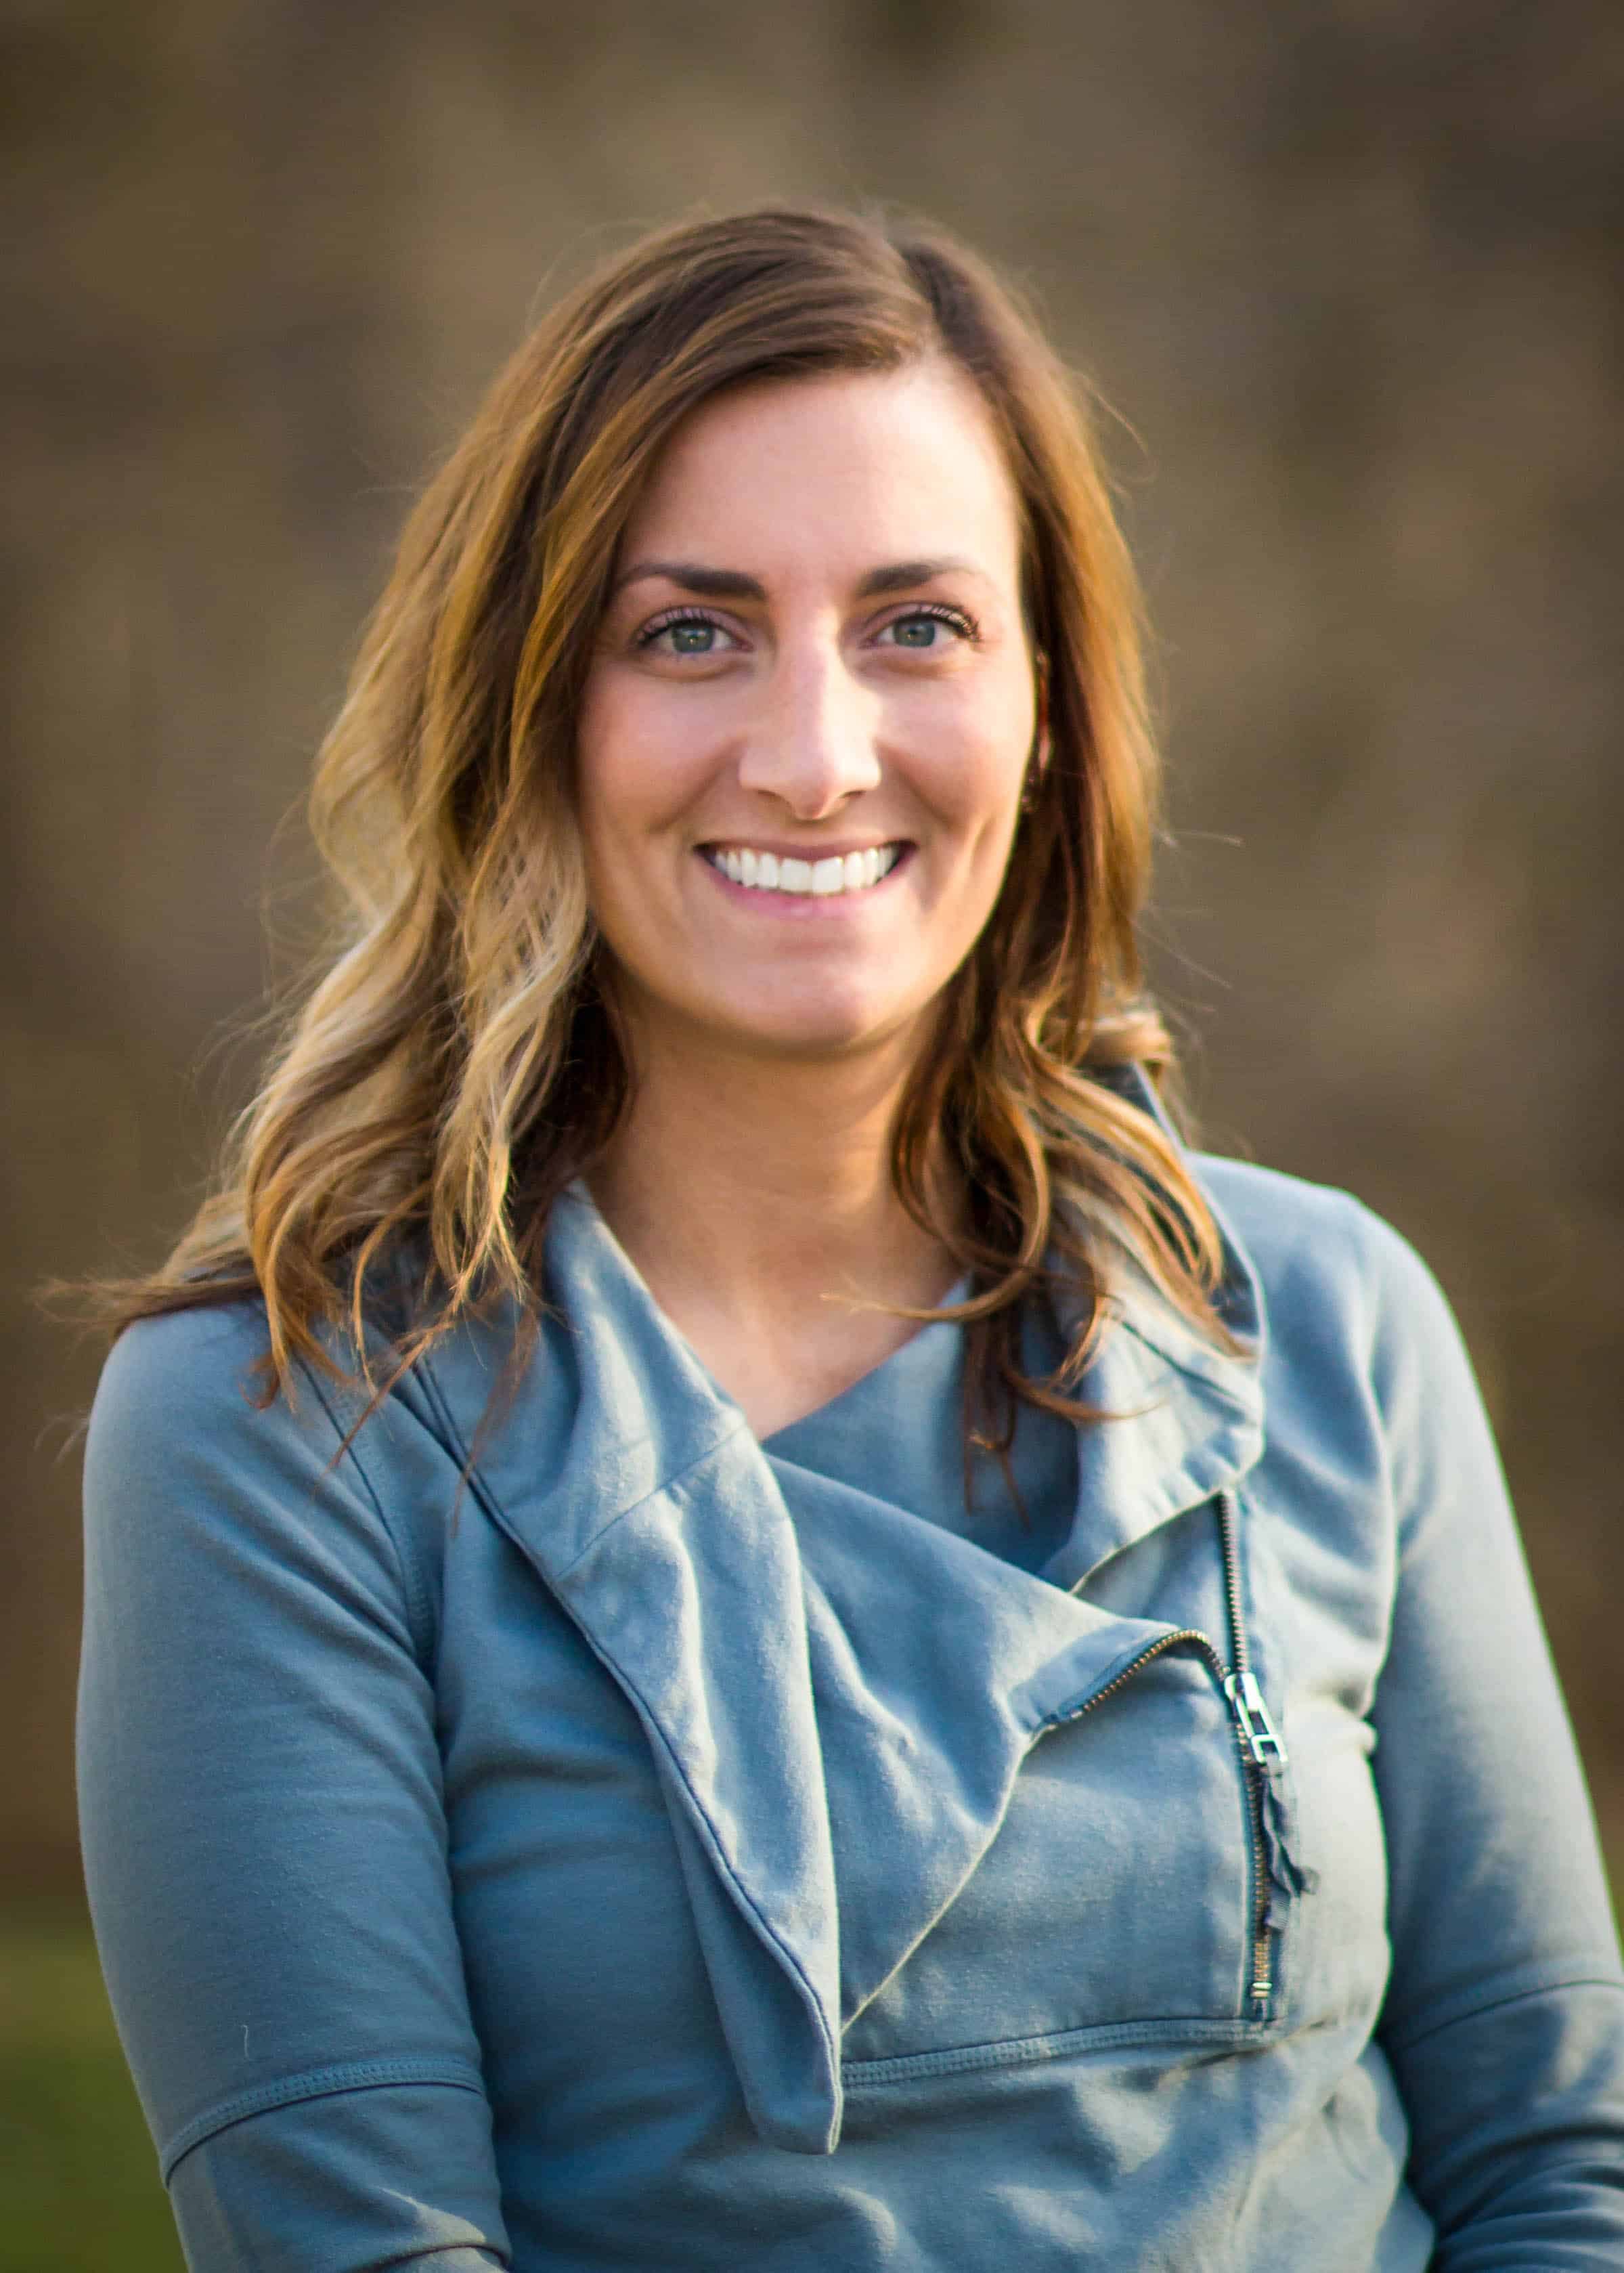 Stephanie N. Gustafson